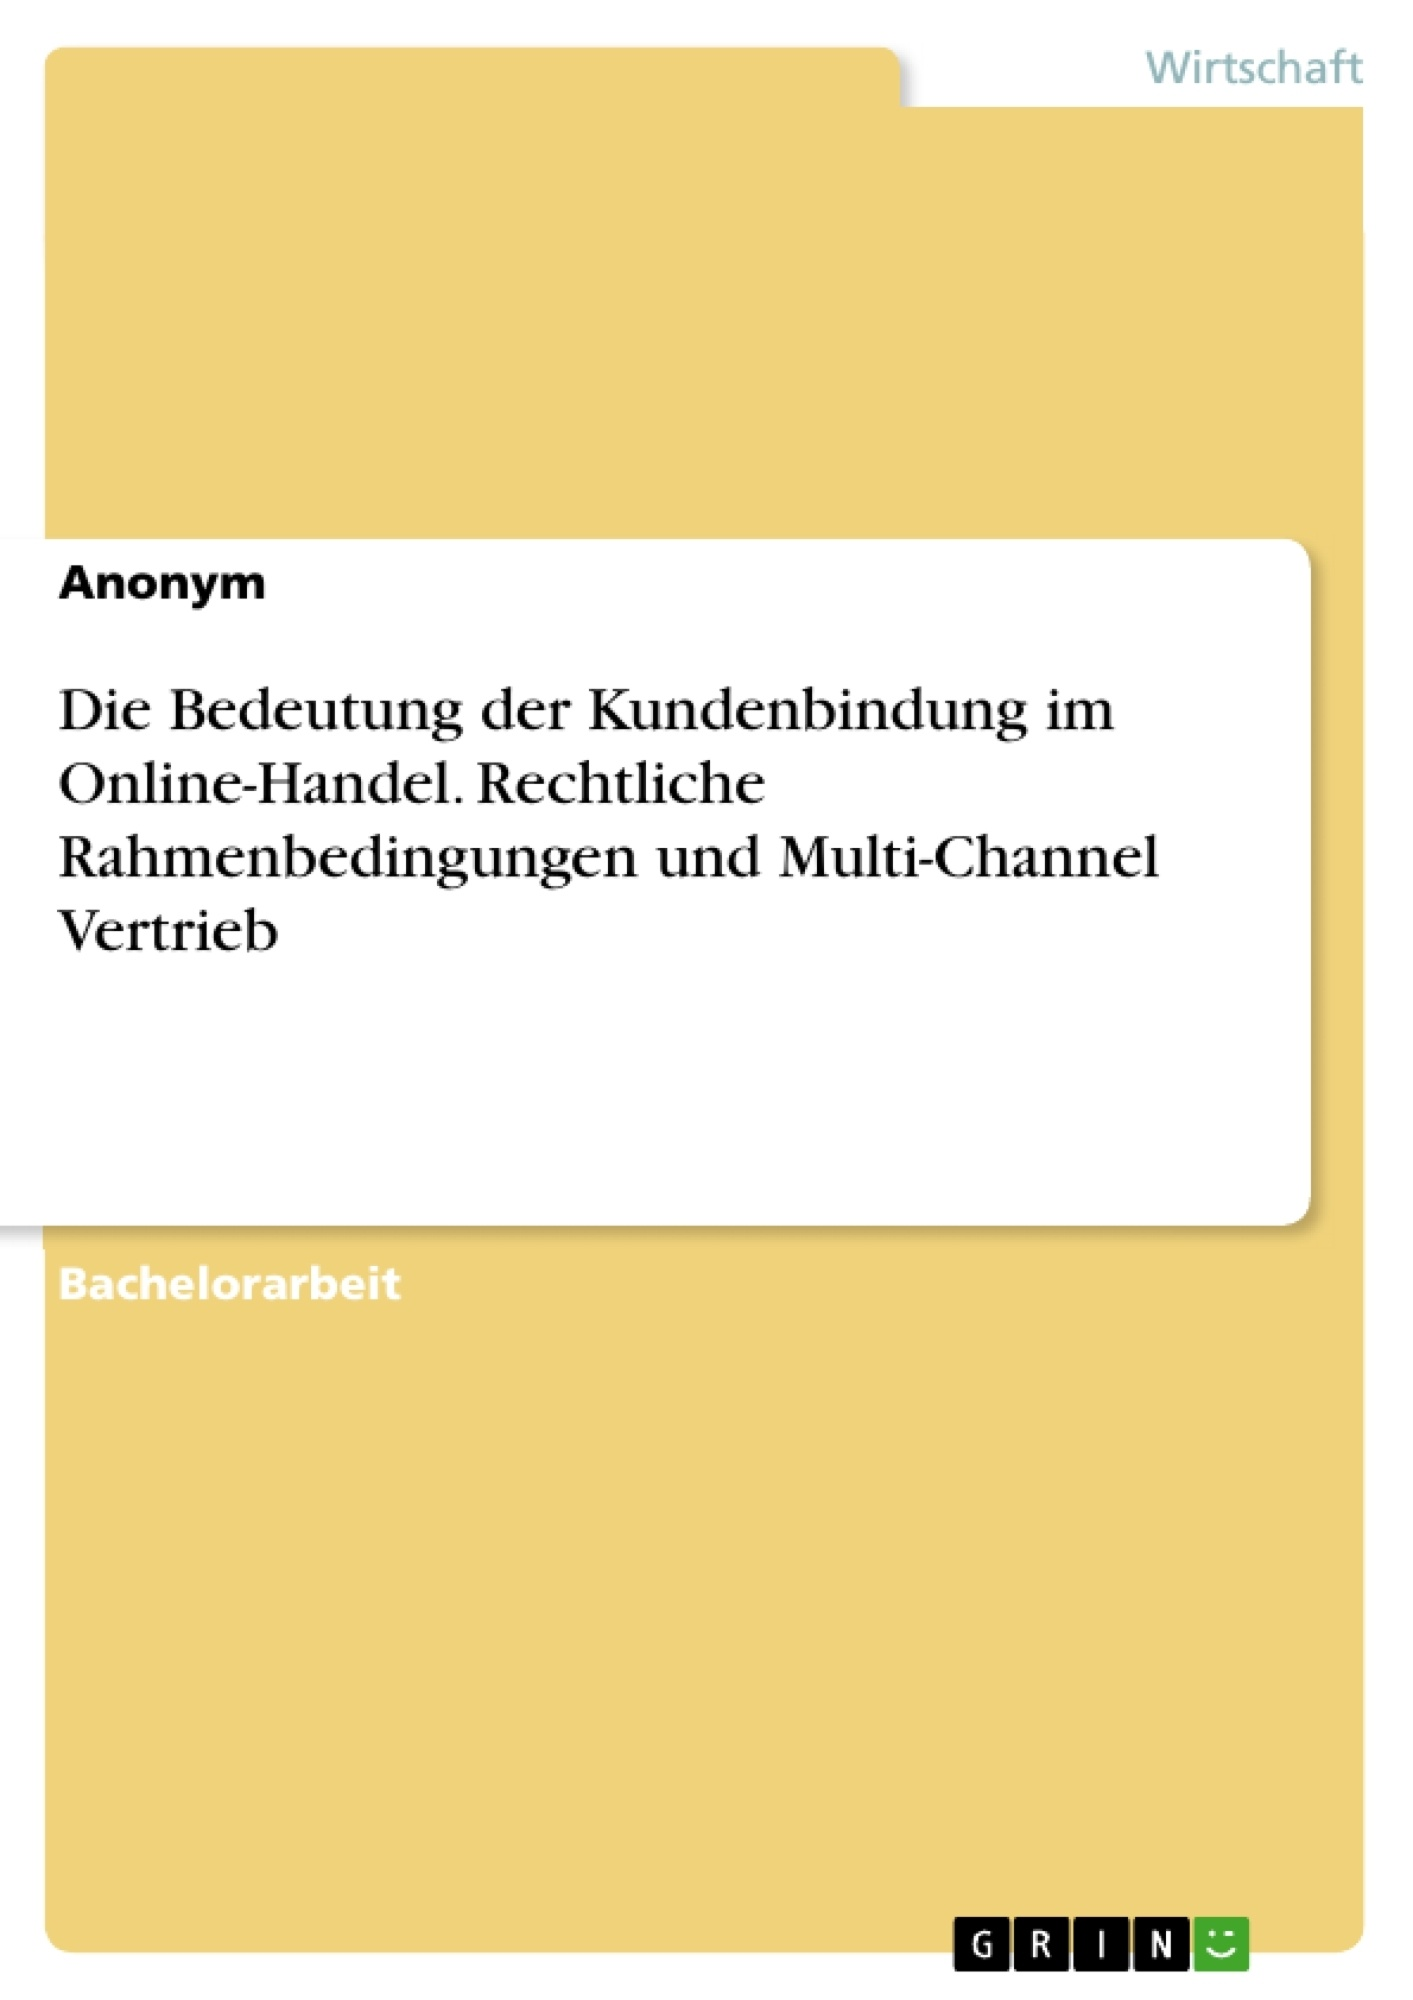 Titel: Die Bedeutung der Kundenbindung im Online-Handel. Rechtliche Rahmenbedingungen und Multi-Channel Vertrieb